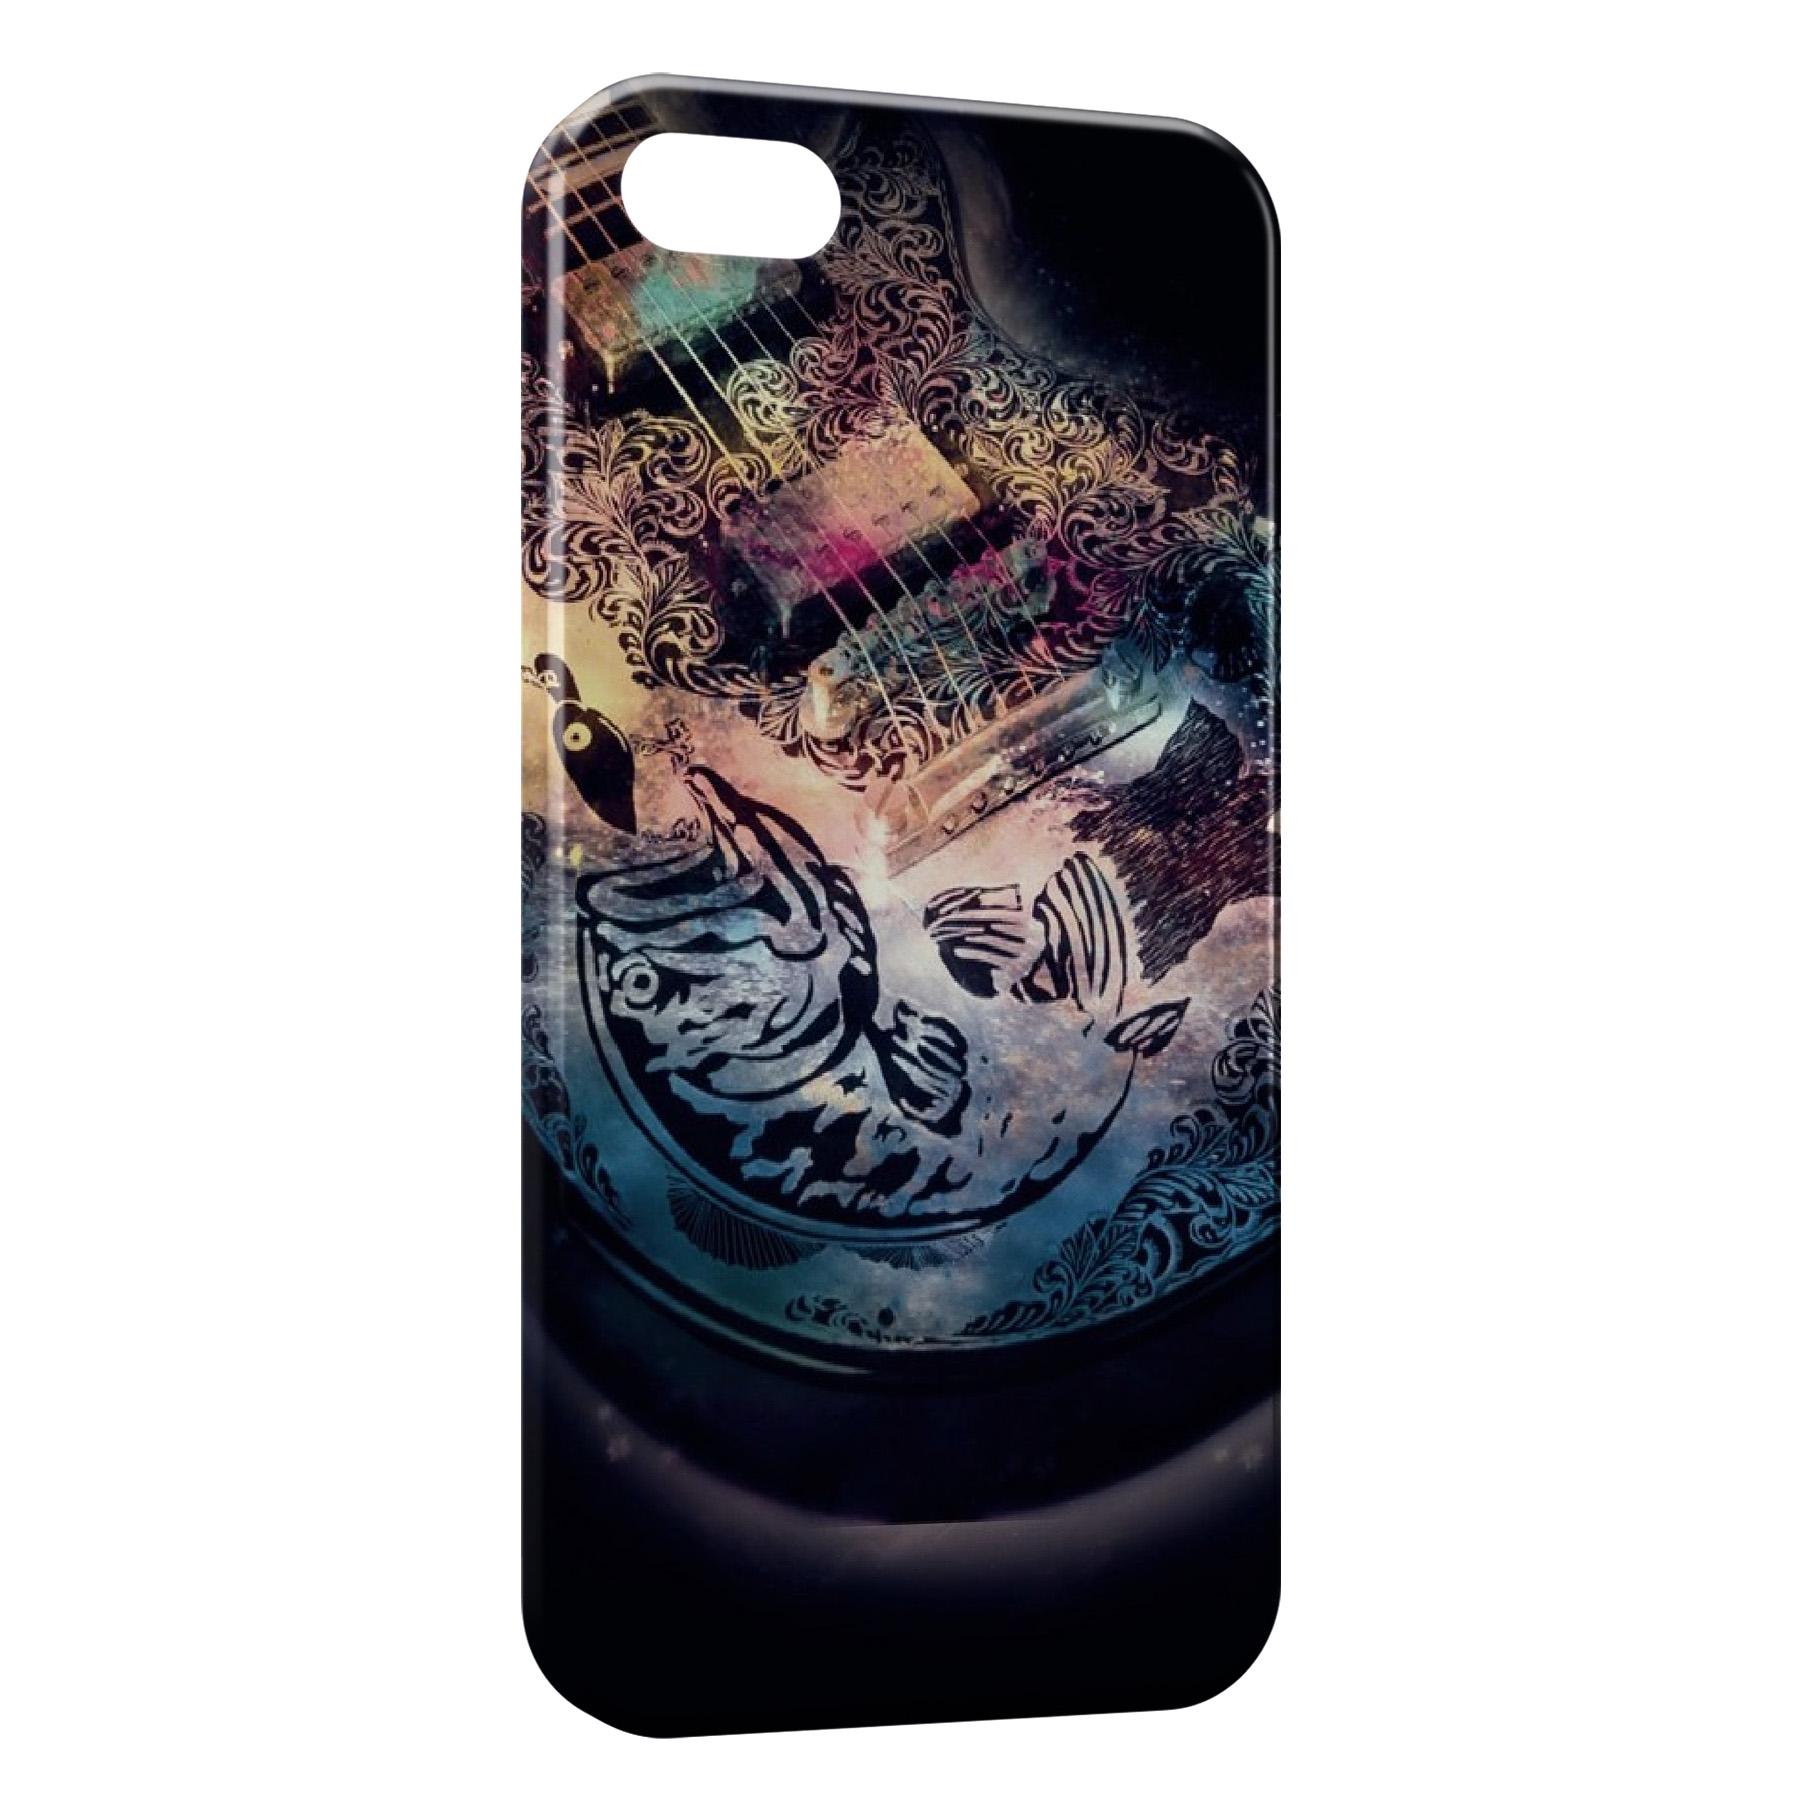 Coque iPhone 5C Guitare Design 2